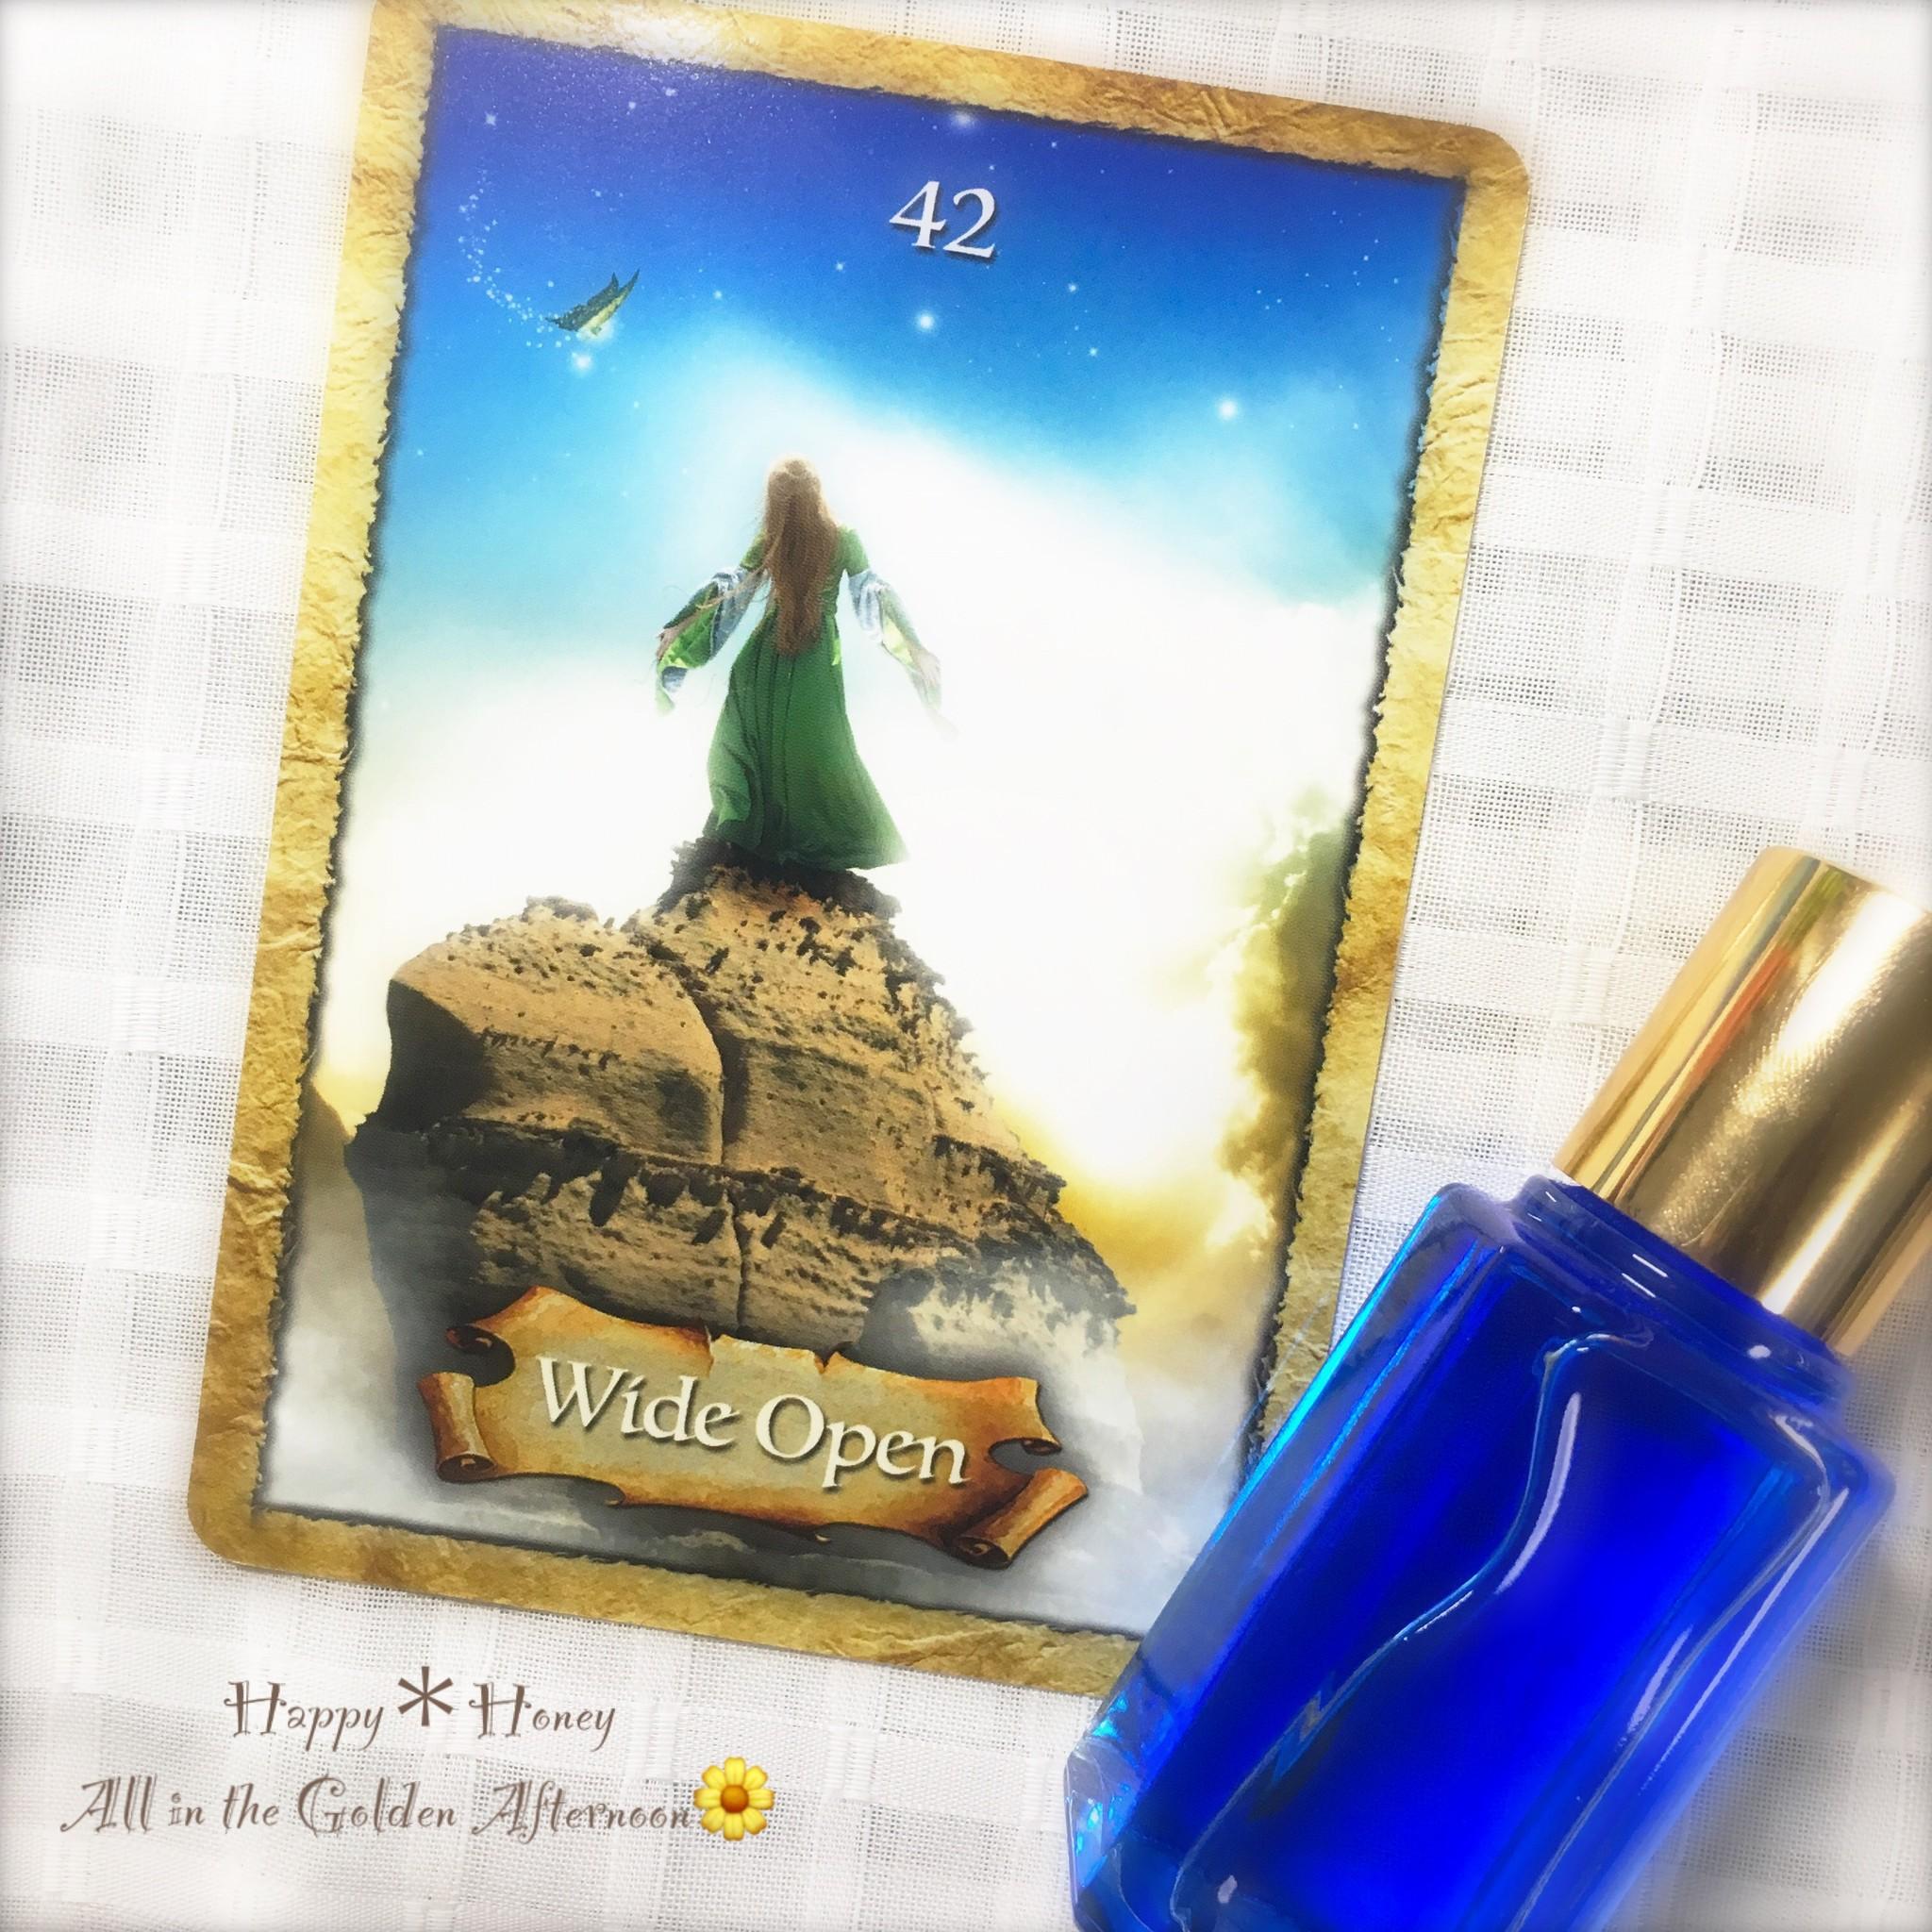 【6月中】メモリーオイル、カラーセラピーご依頼の方にオラクルカードリーディングプレゼント!